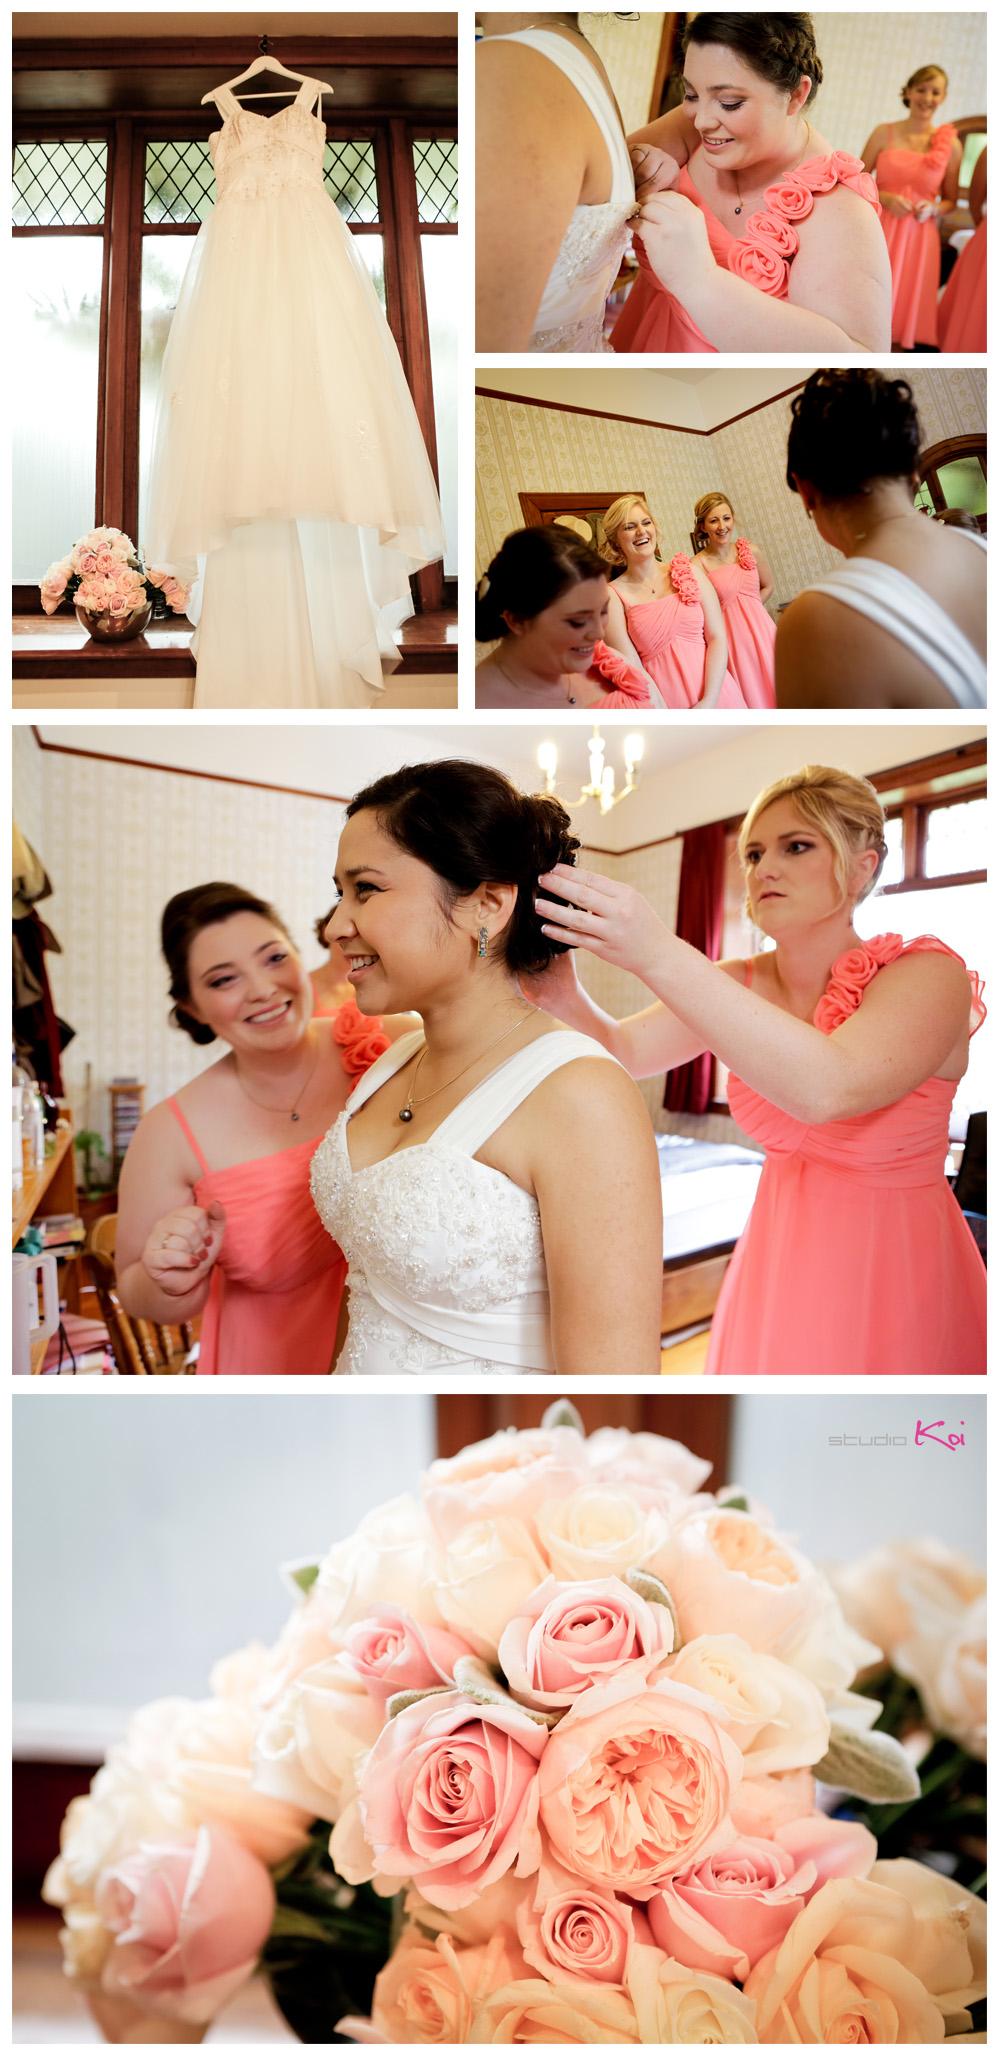 Gethsemane Gardens Christchurch wedding getting ready